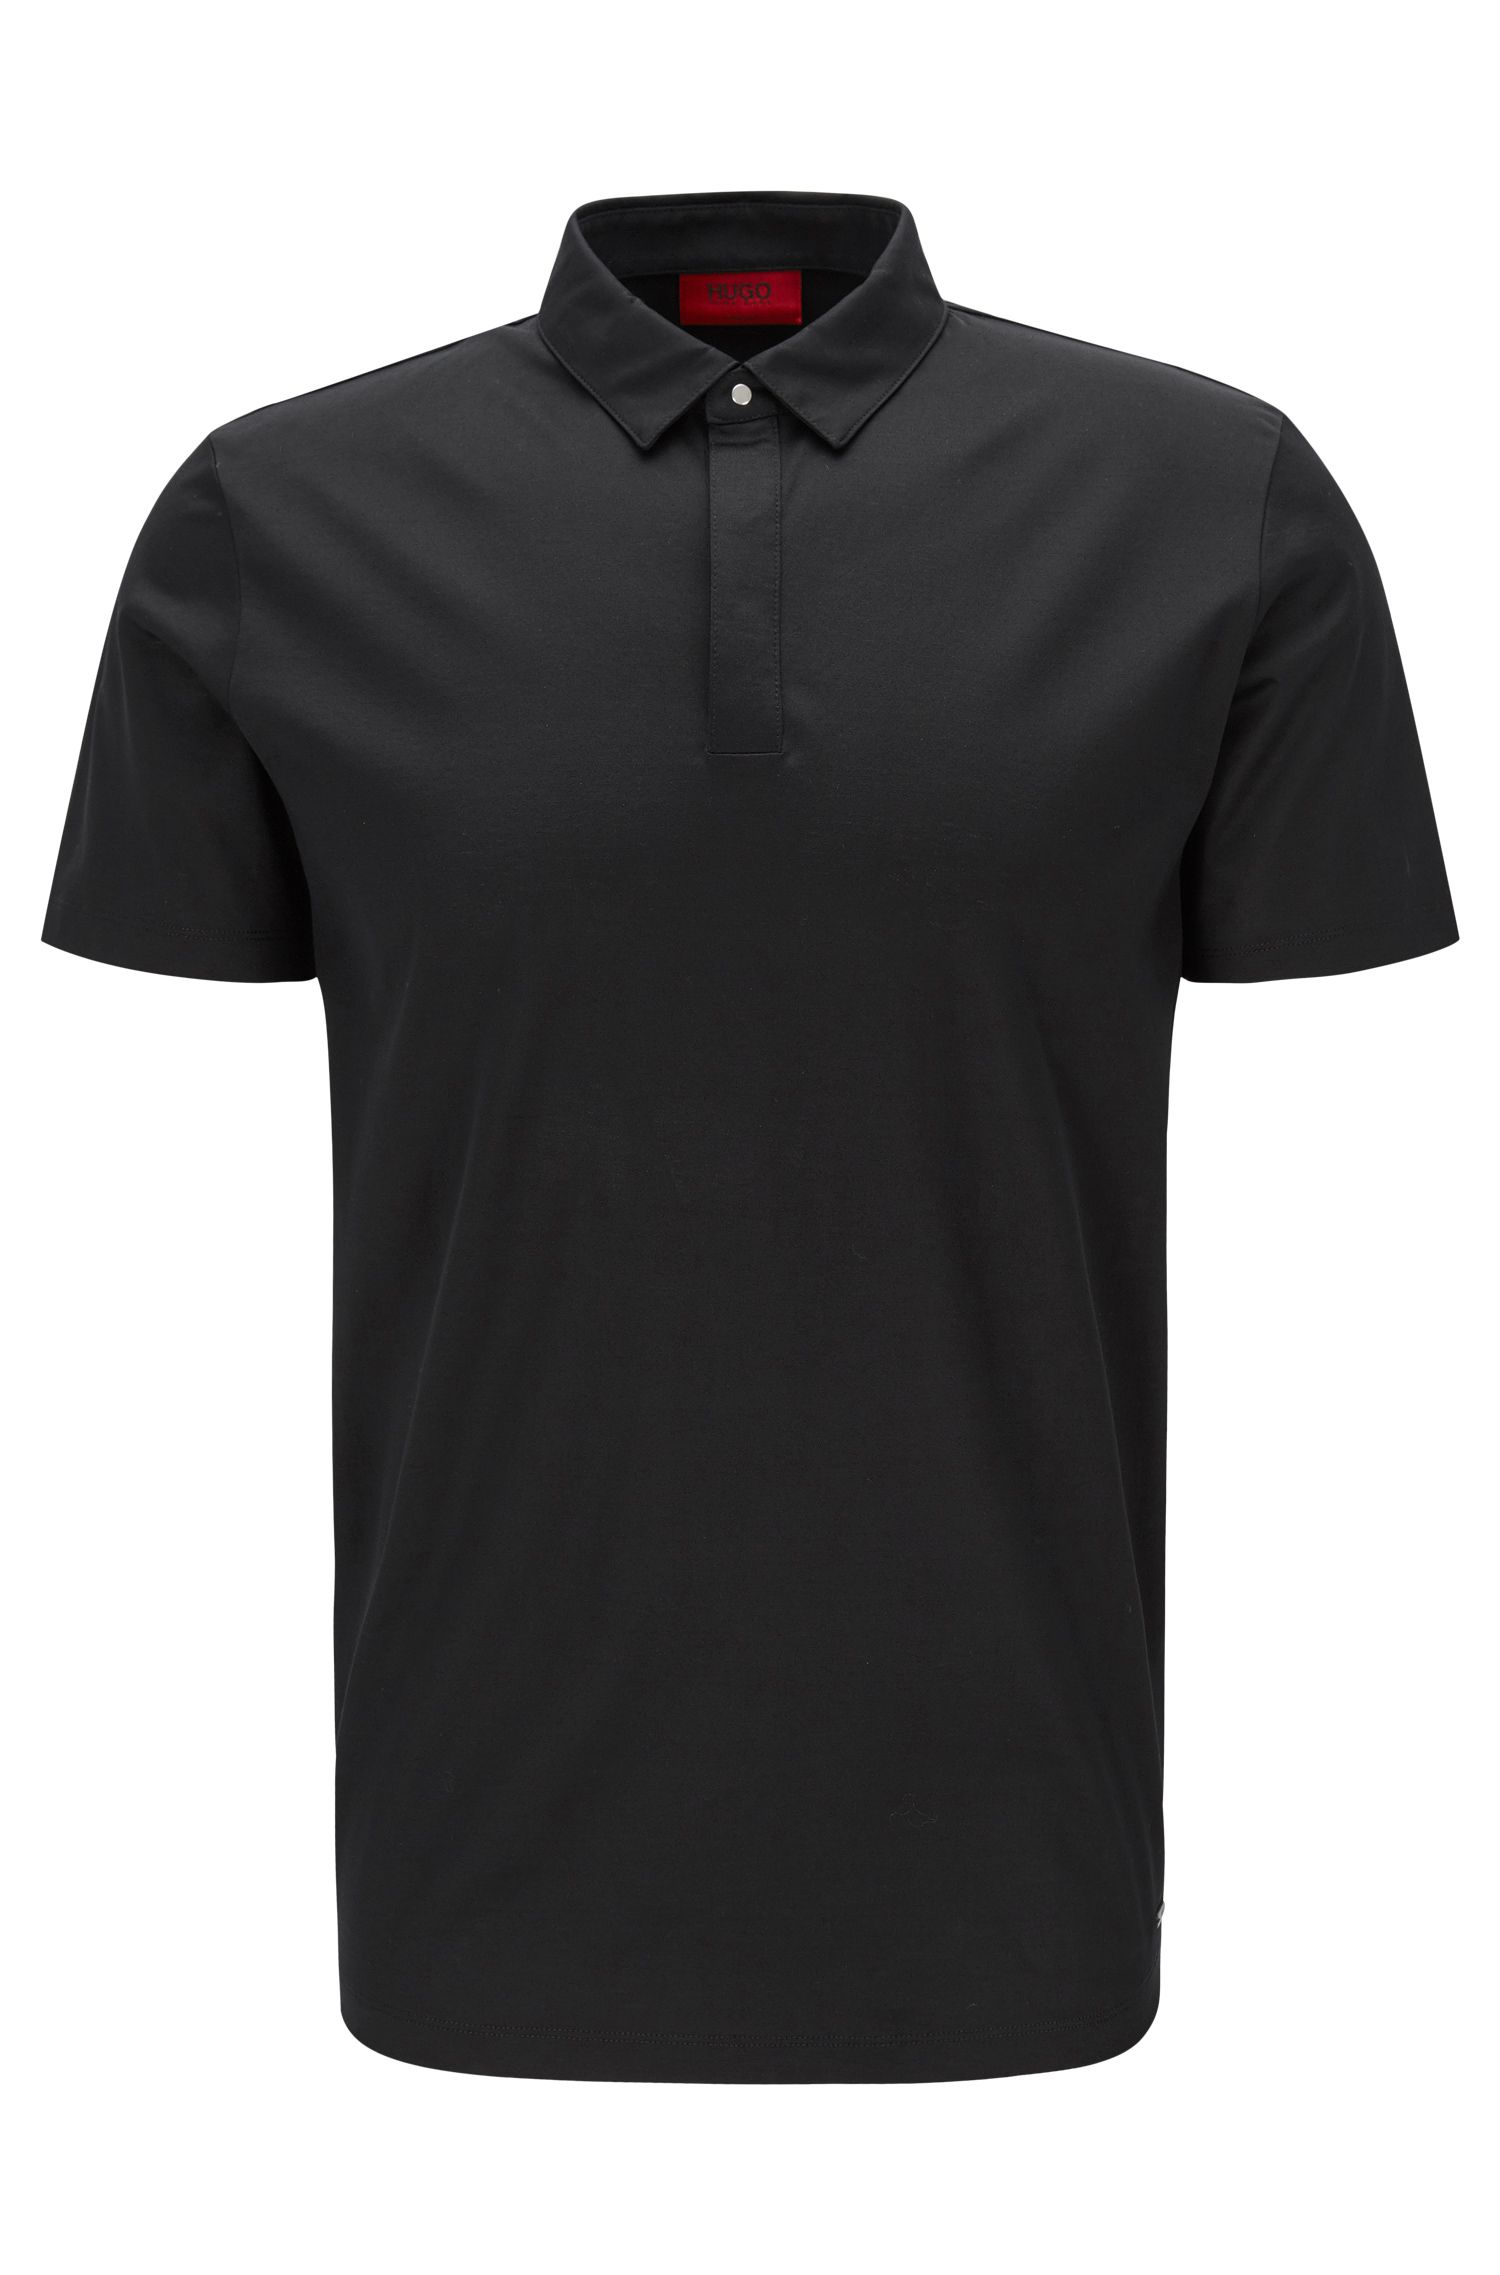 Slim-Fit Poloshirt aus merzerisierter Baumwolle mit verdeckter Knopfleiste